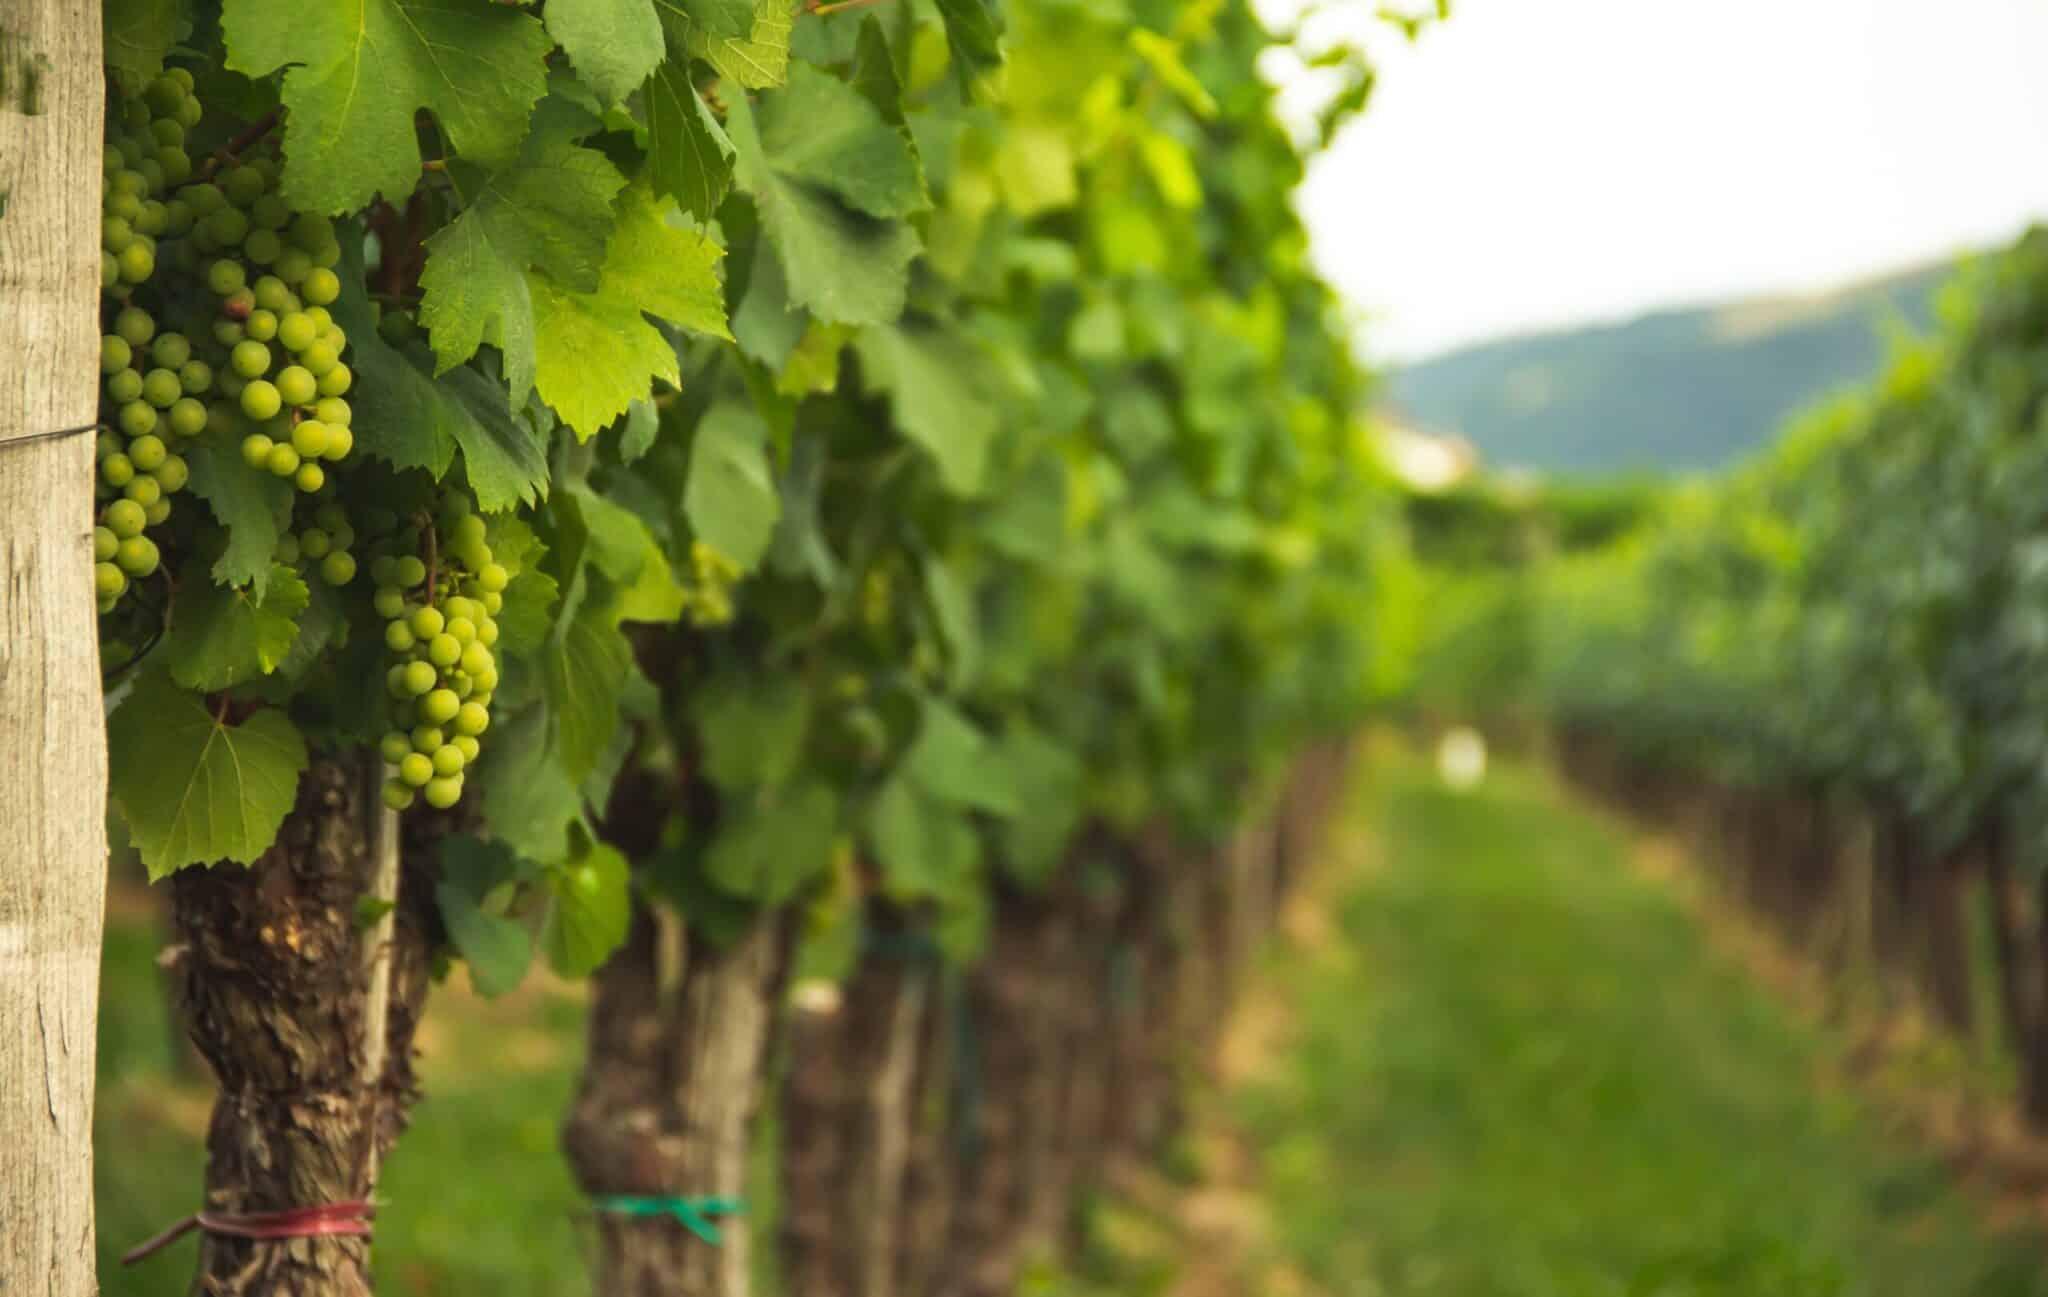 vinmark med grønne druer